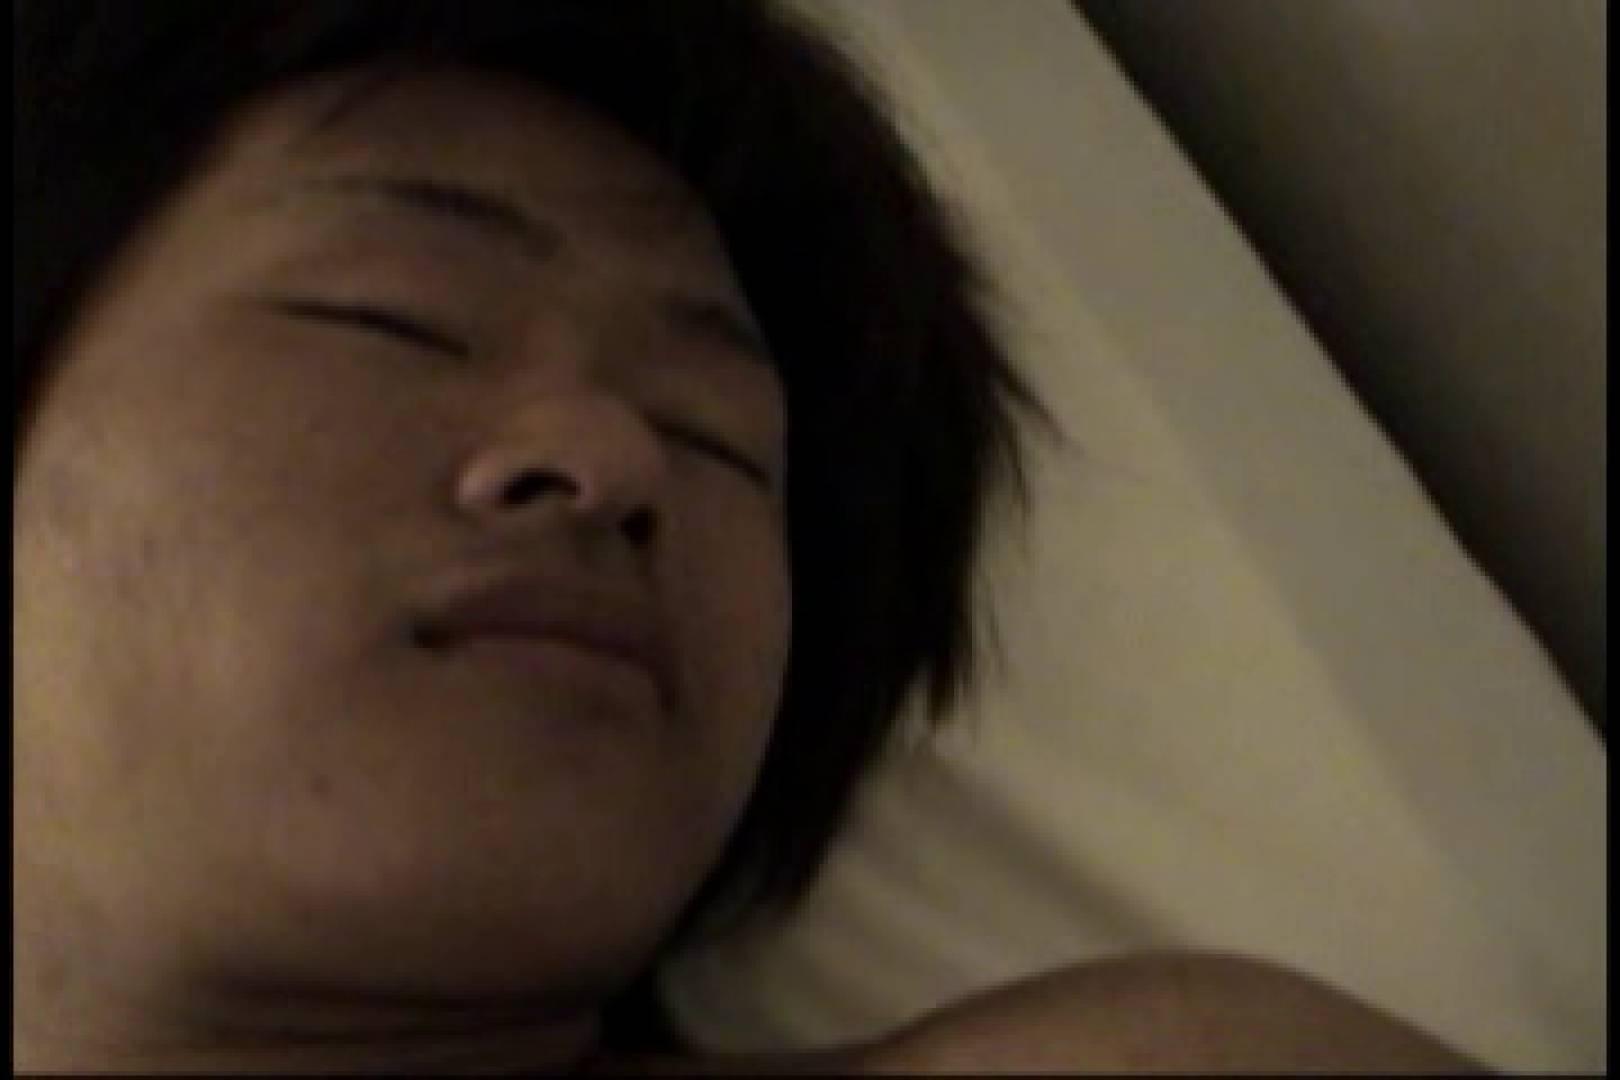 三ッ星シリーズ!!イケメン羞恥心File.9 生だしチンポ ゲイAV画像 74画像 33